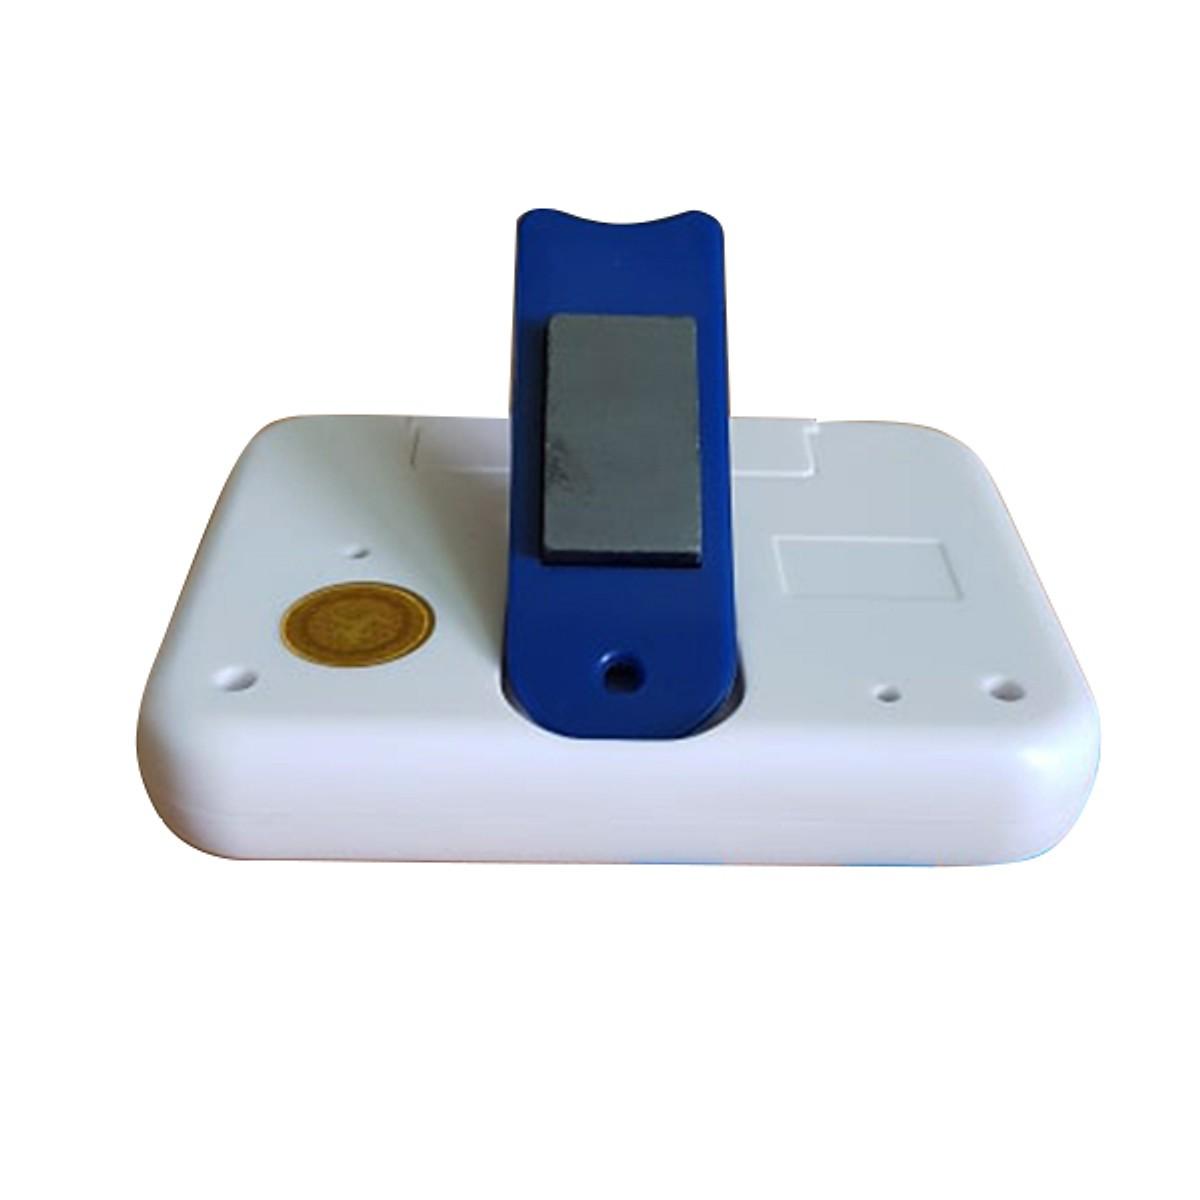 Đồng hồ bấm giờ đếm ngược điện tử cao cấp canino 4 in 1 PS-360